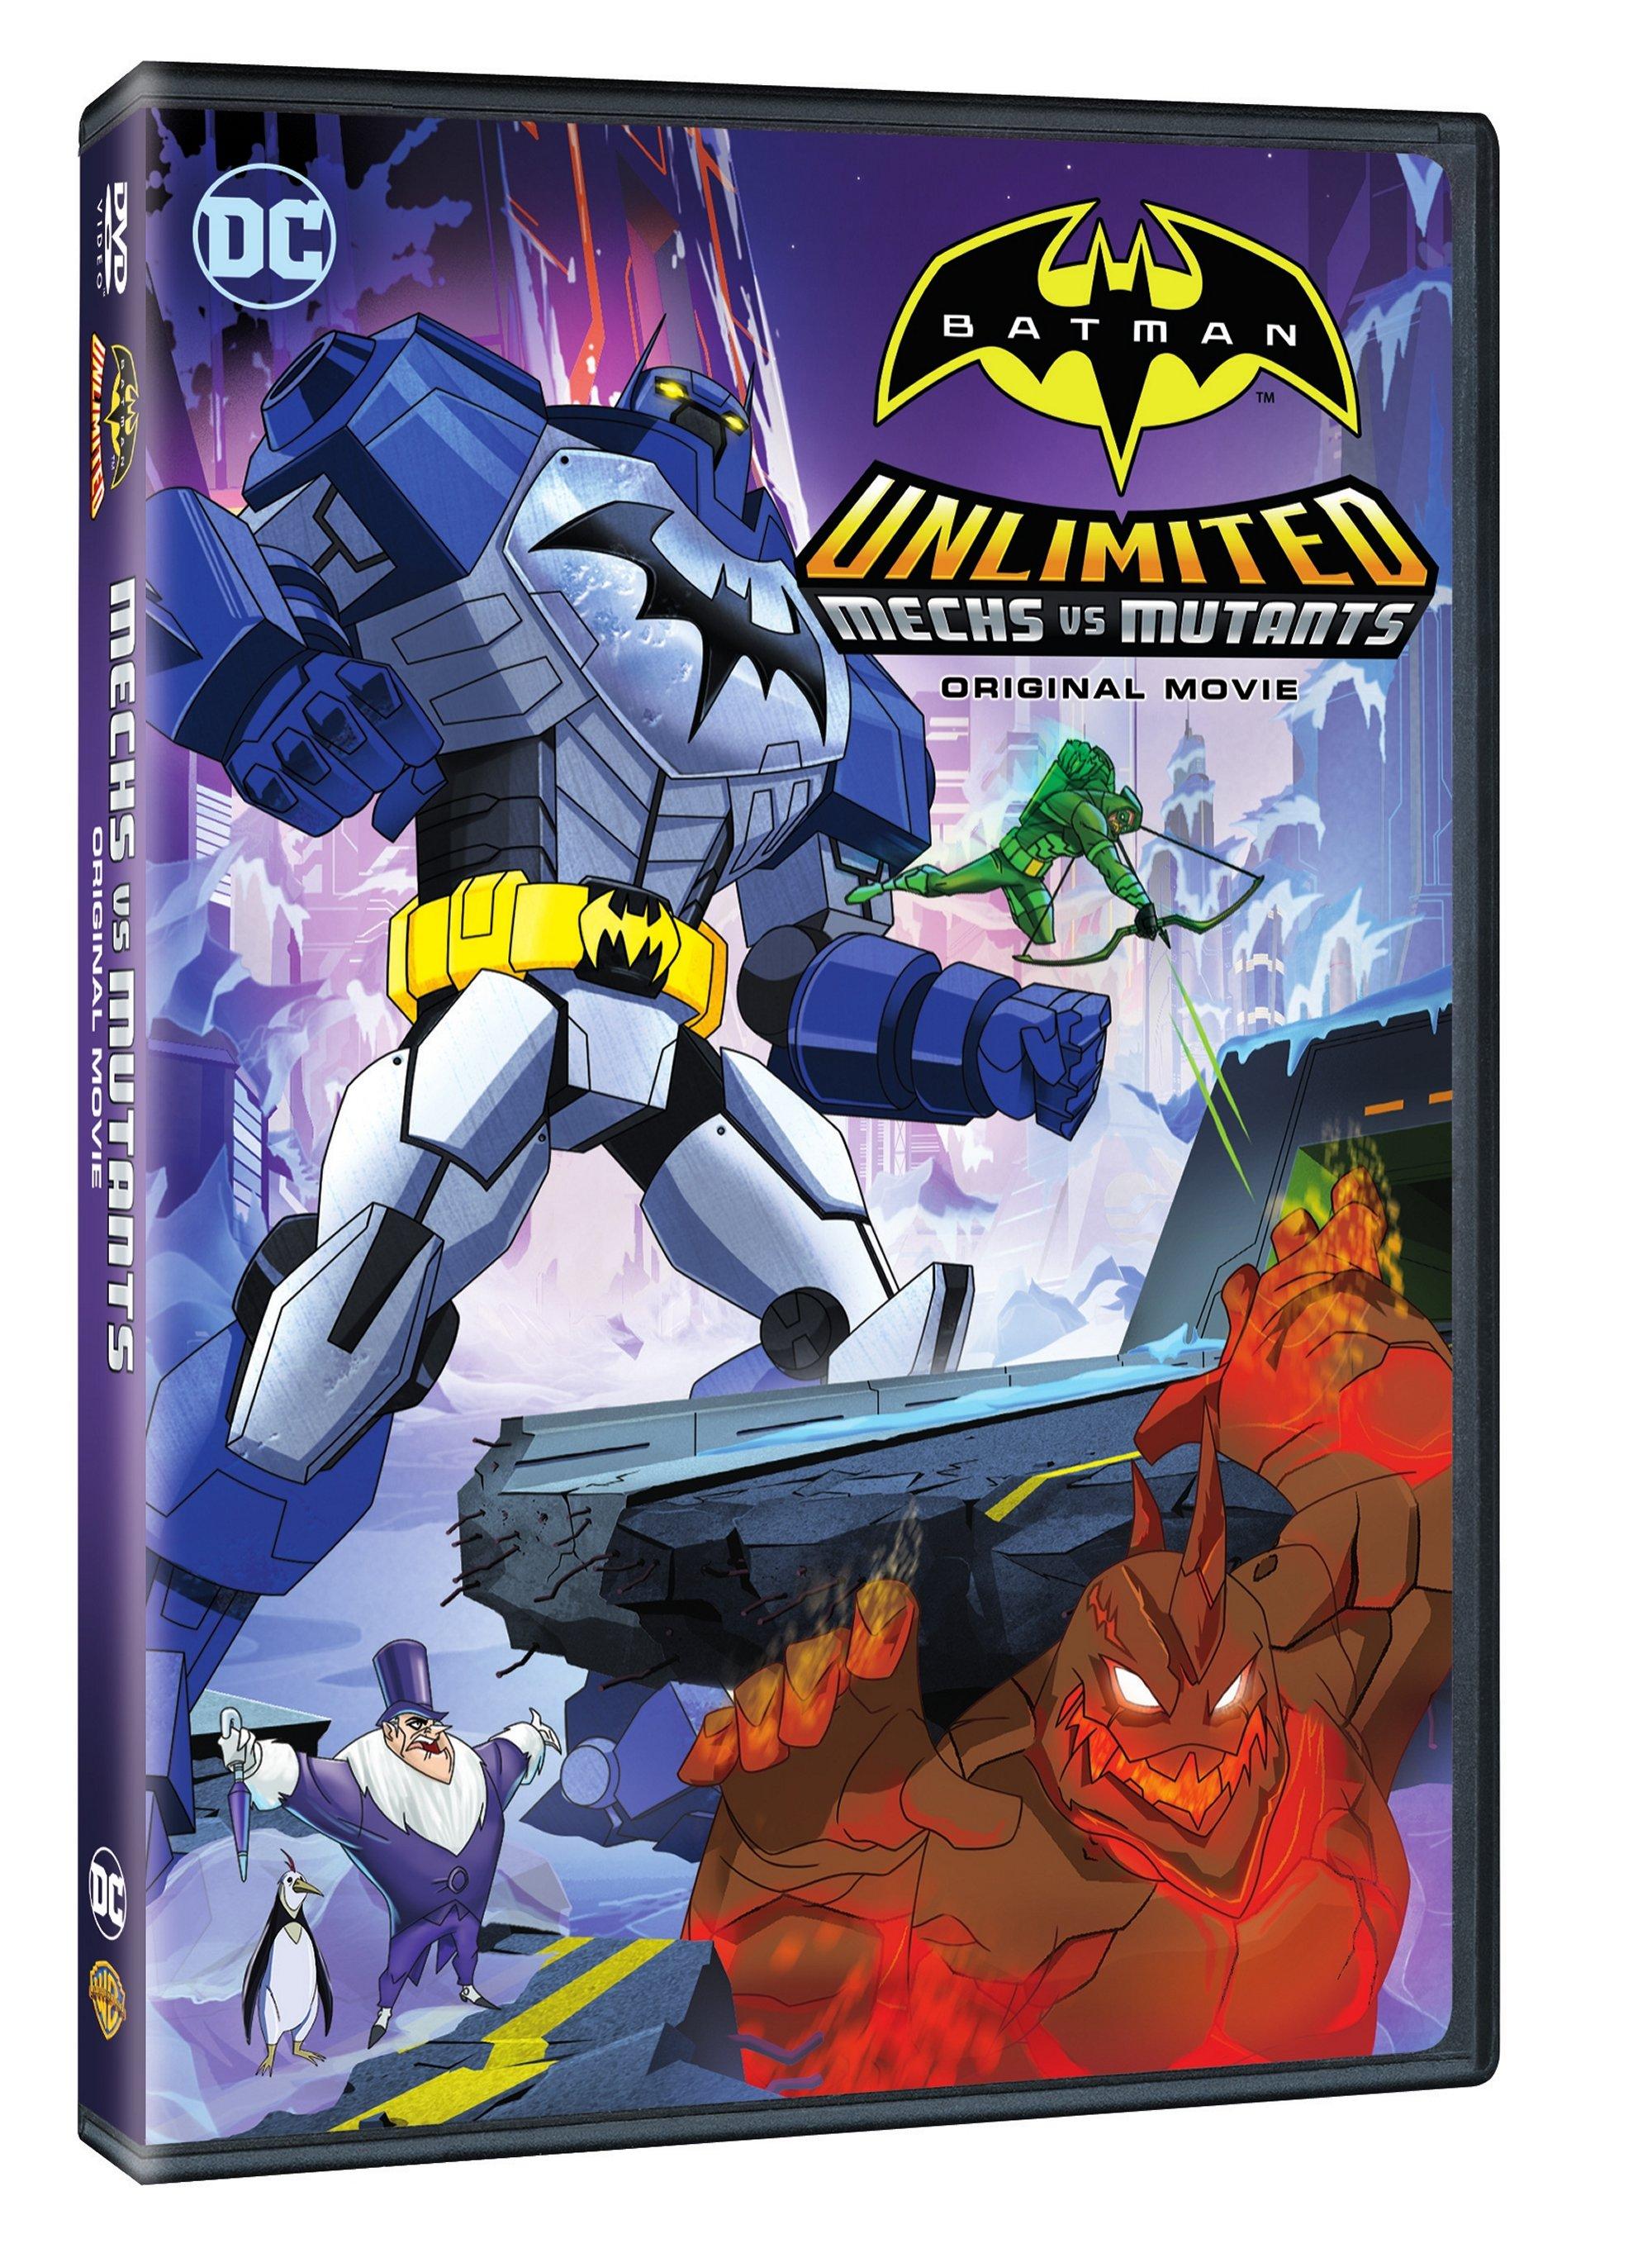 Batman_Unlimited_Mechs_vs_Mutants_3D